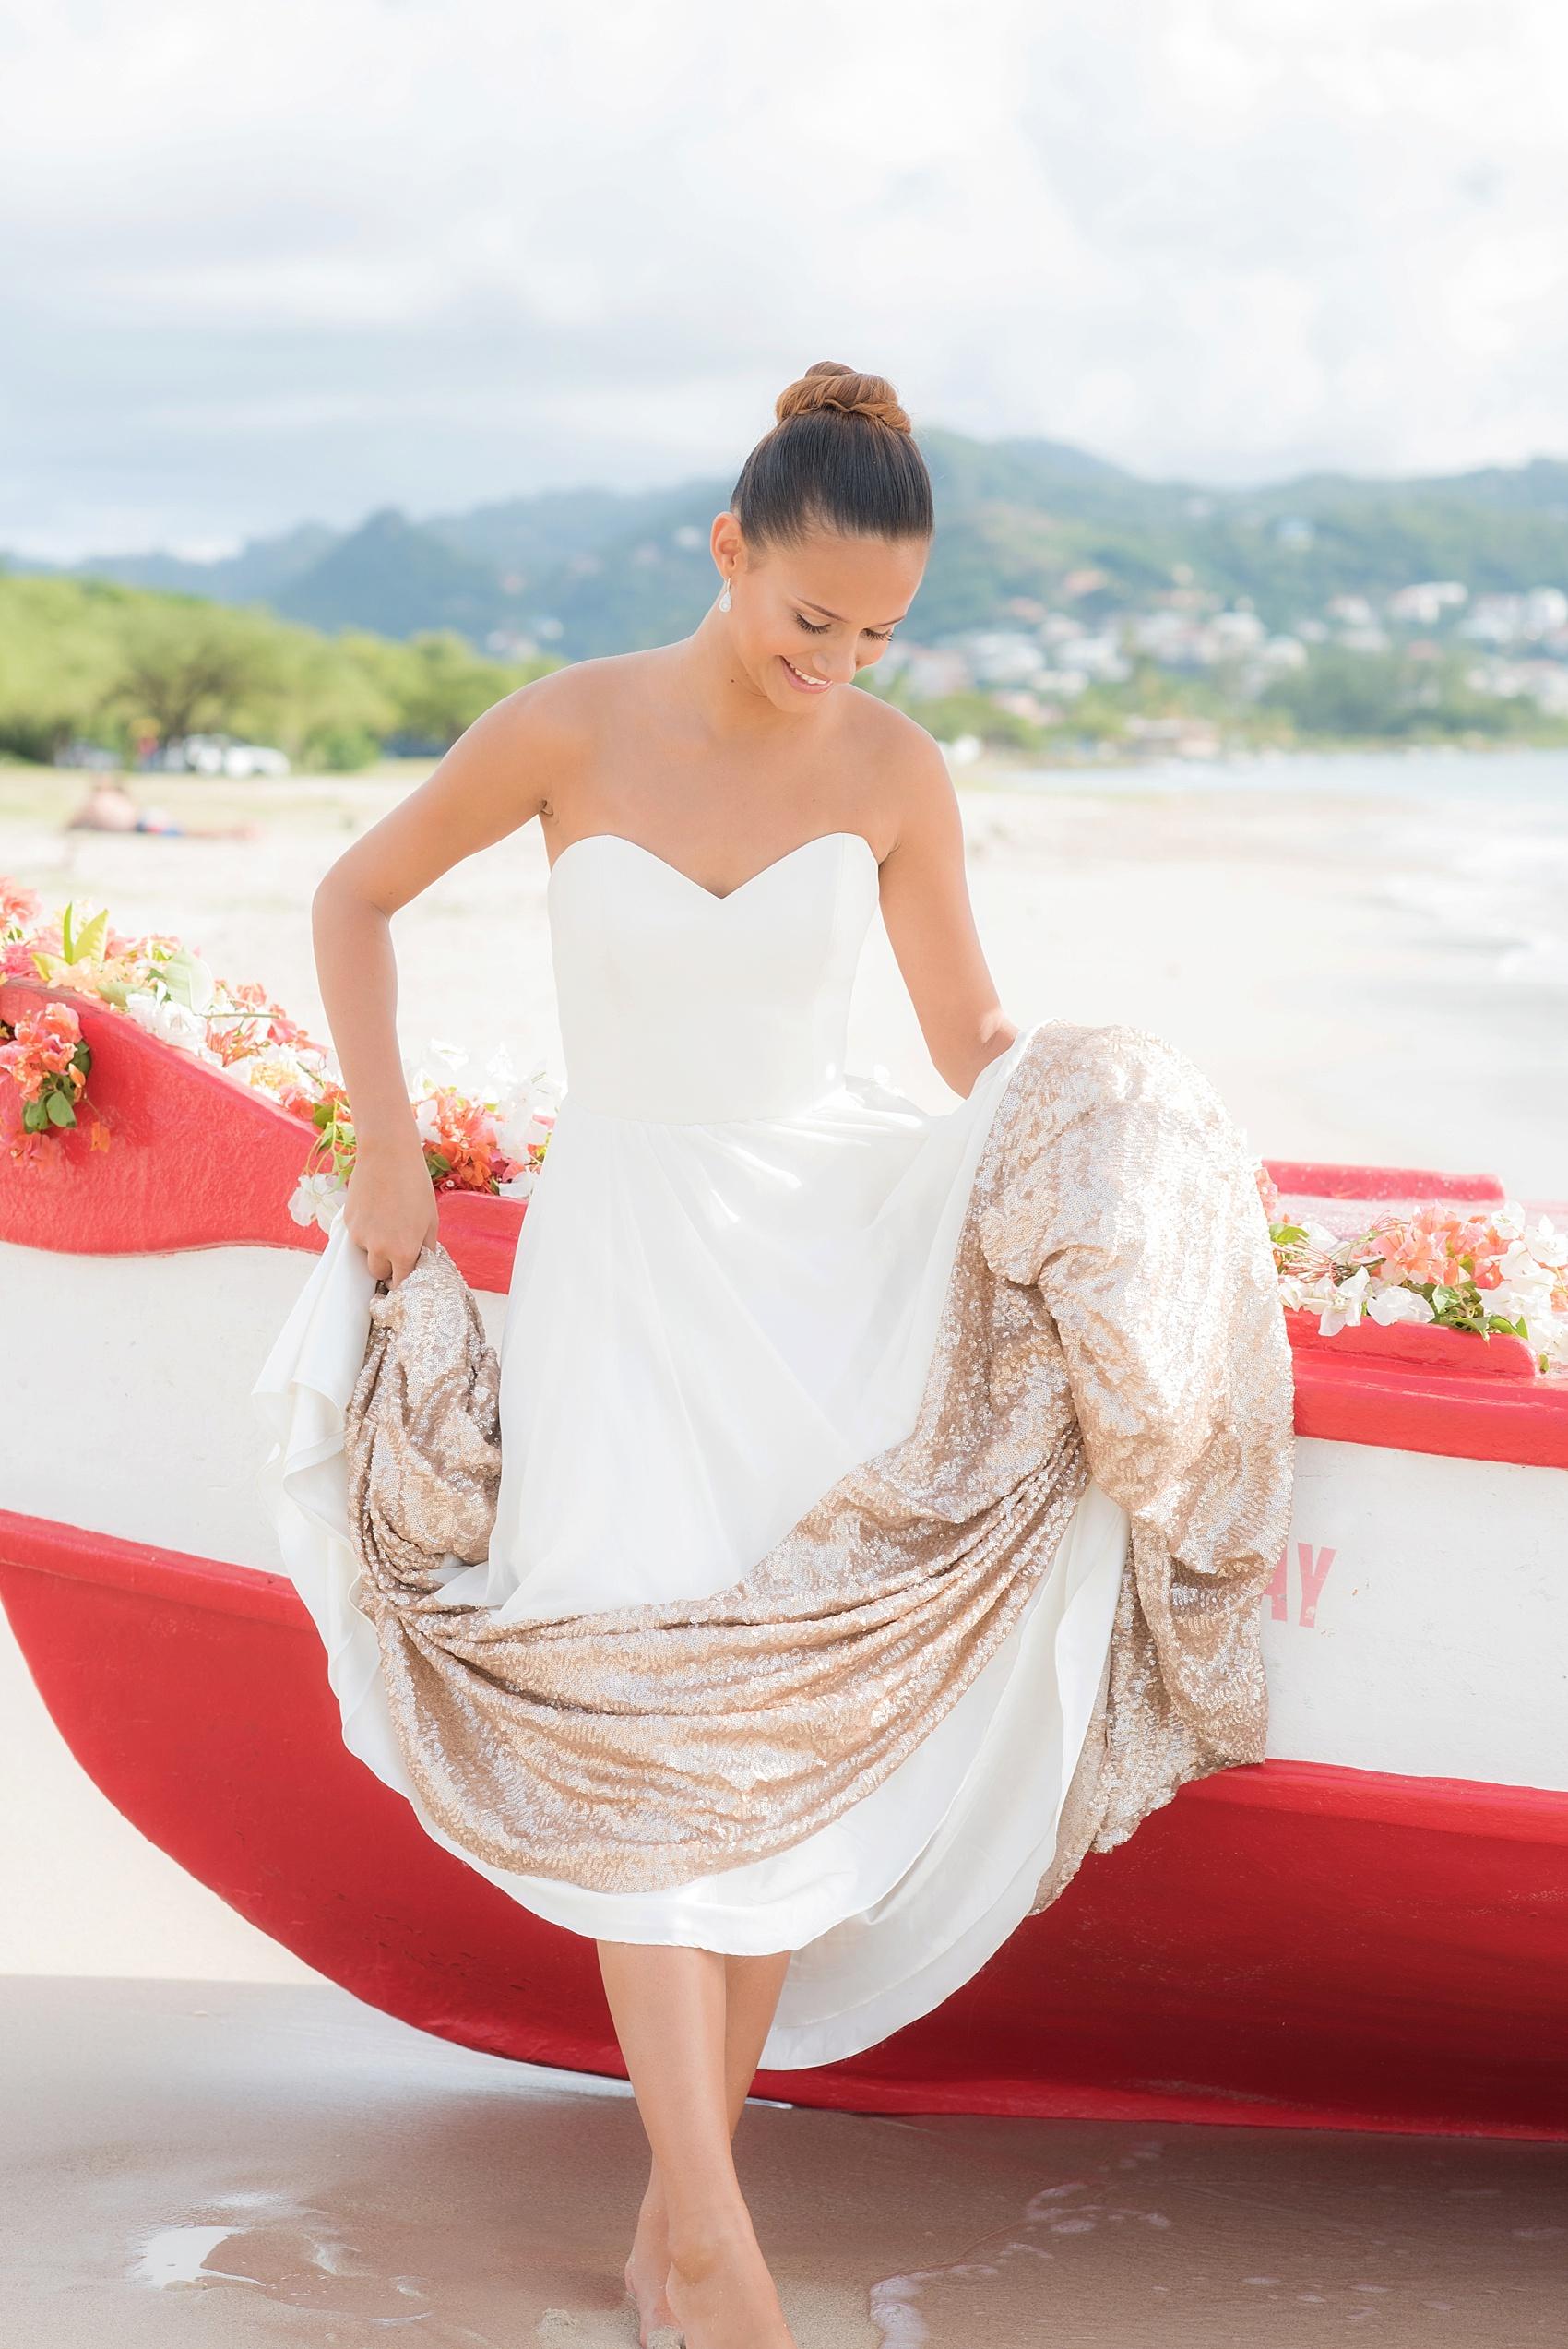 St Lucia Wedding Photos Destination Beach Elopement